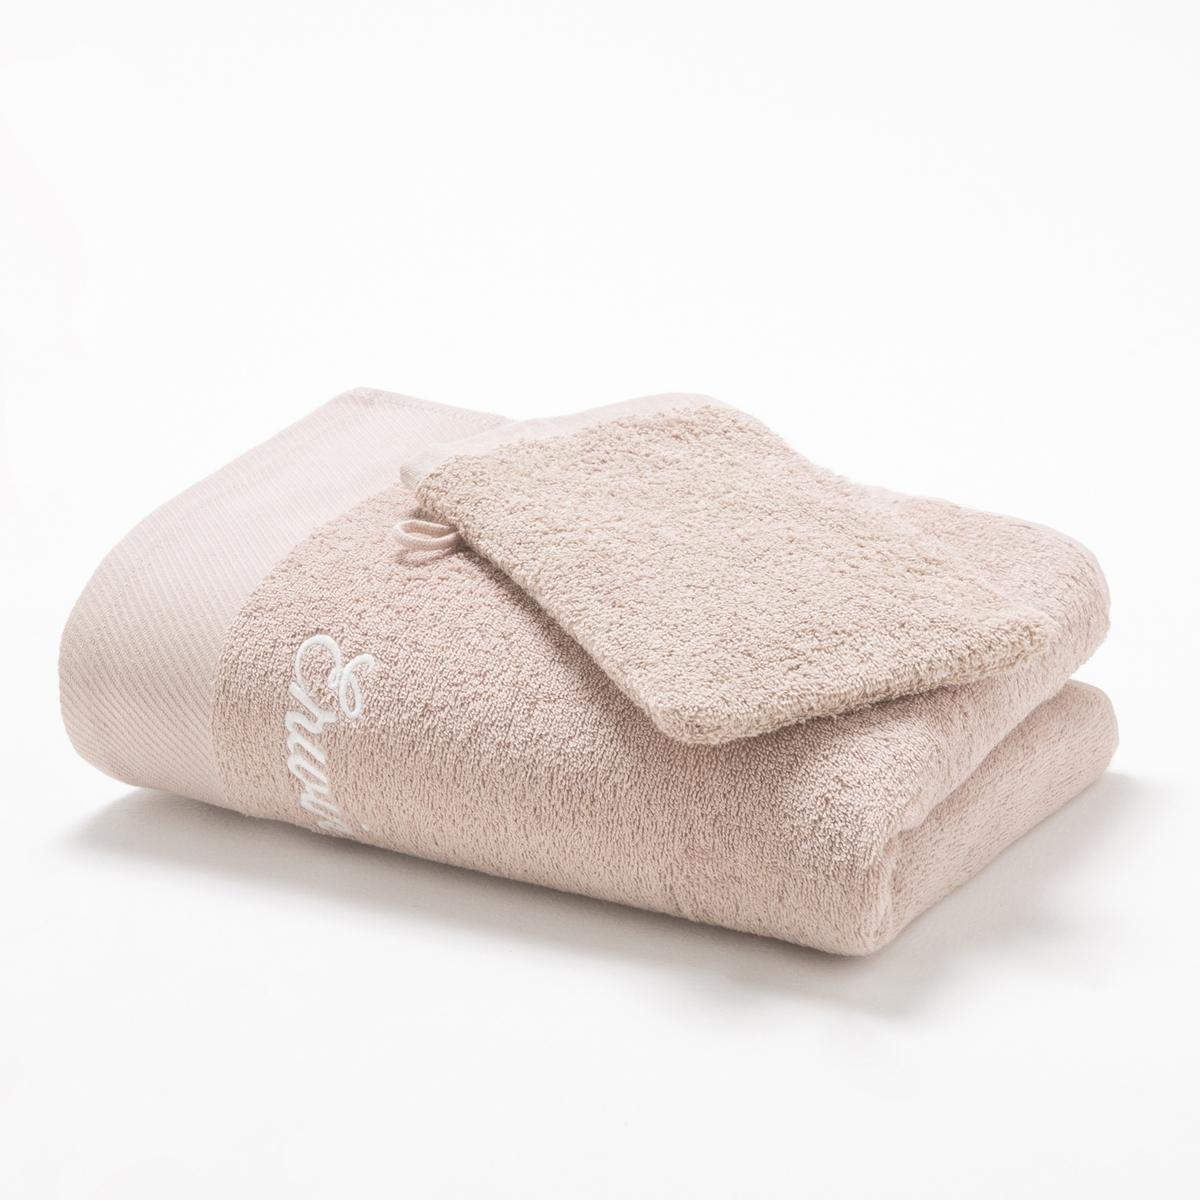 Полотенце + банная рукавичка SCENARIO, 500 г/м?Полотенце (50 х 100 см) и банная рукавичка (15 х 21 см) из красивой махровой ткани, 100% хлопка, 500 г/м?. Невероятно мягкий материал с прекрасными впитывающими свойствами. Кайма диагональ. Отменная прочность и превосходная стойкость цвета при 40°.<br><br>Цвет: белый,бирюзовый,желтый шафран,зеленый  атолл,красный карминный,серо-бежевый,серо-синий,сине-зеленый,синий морской волны,сливовый,темно-серый